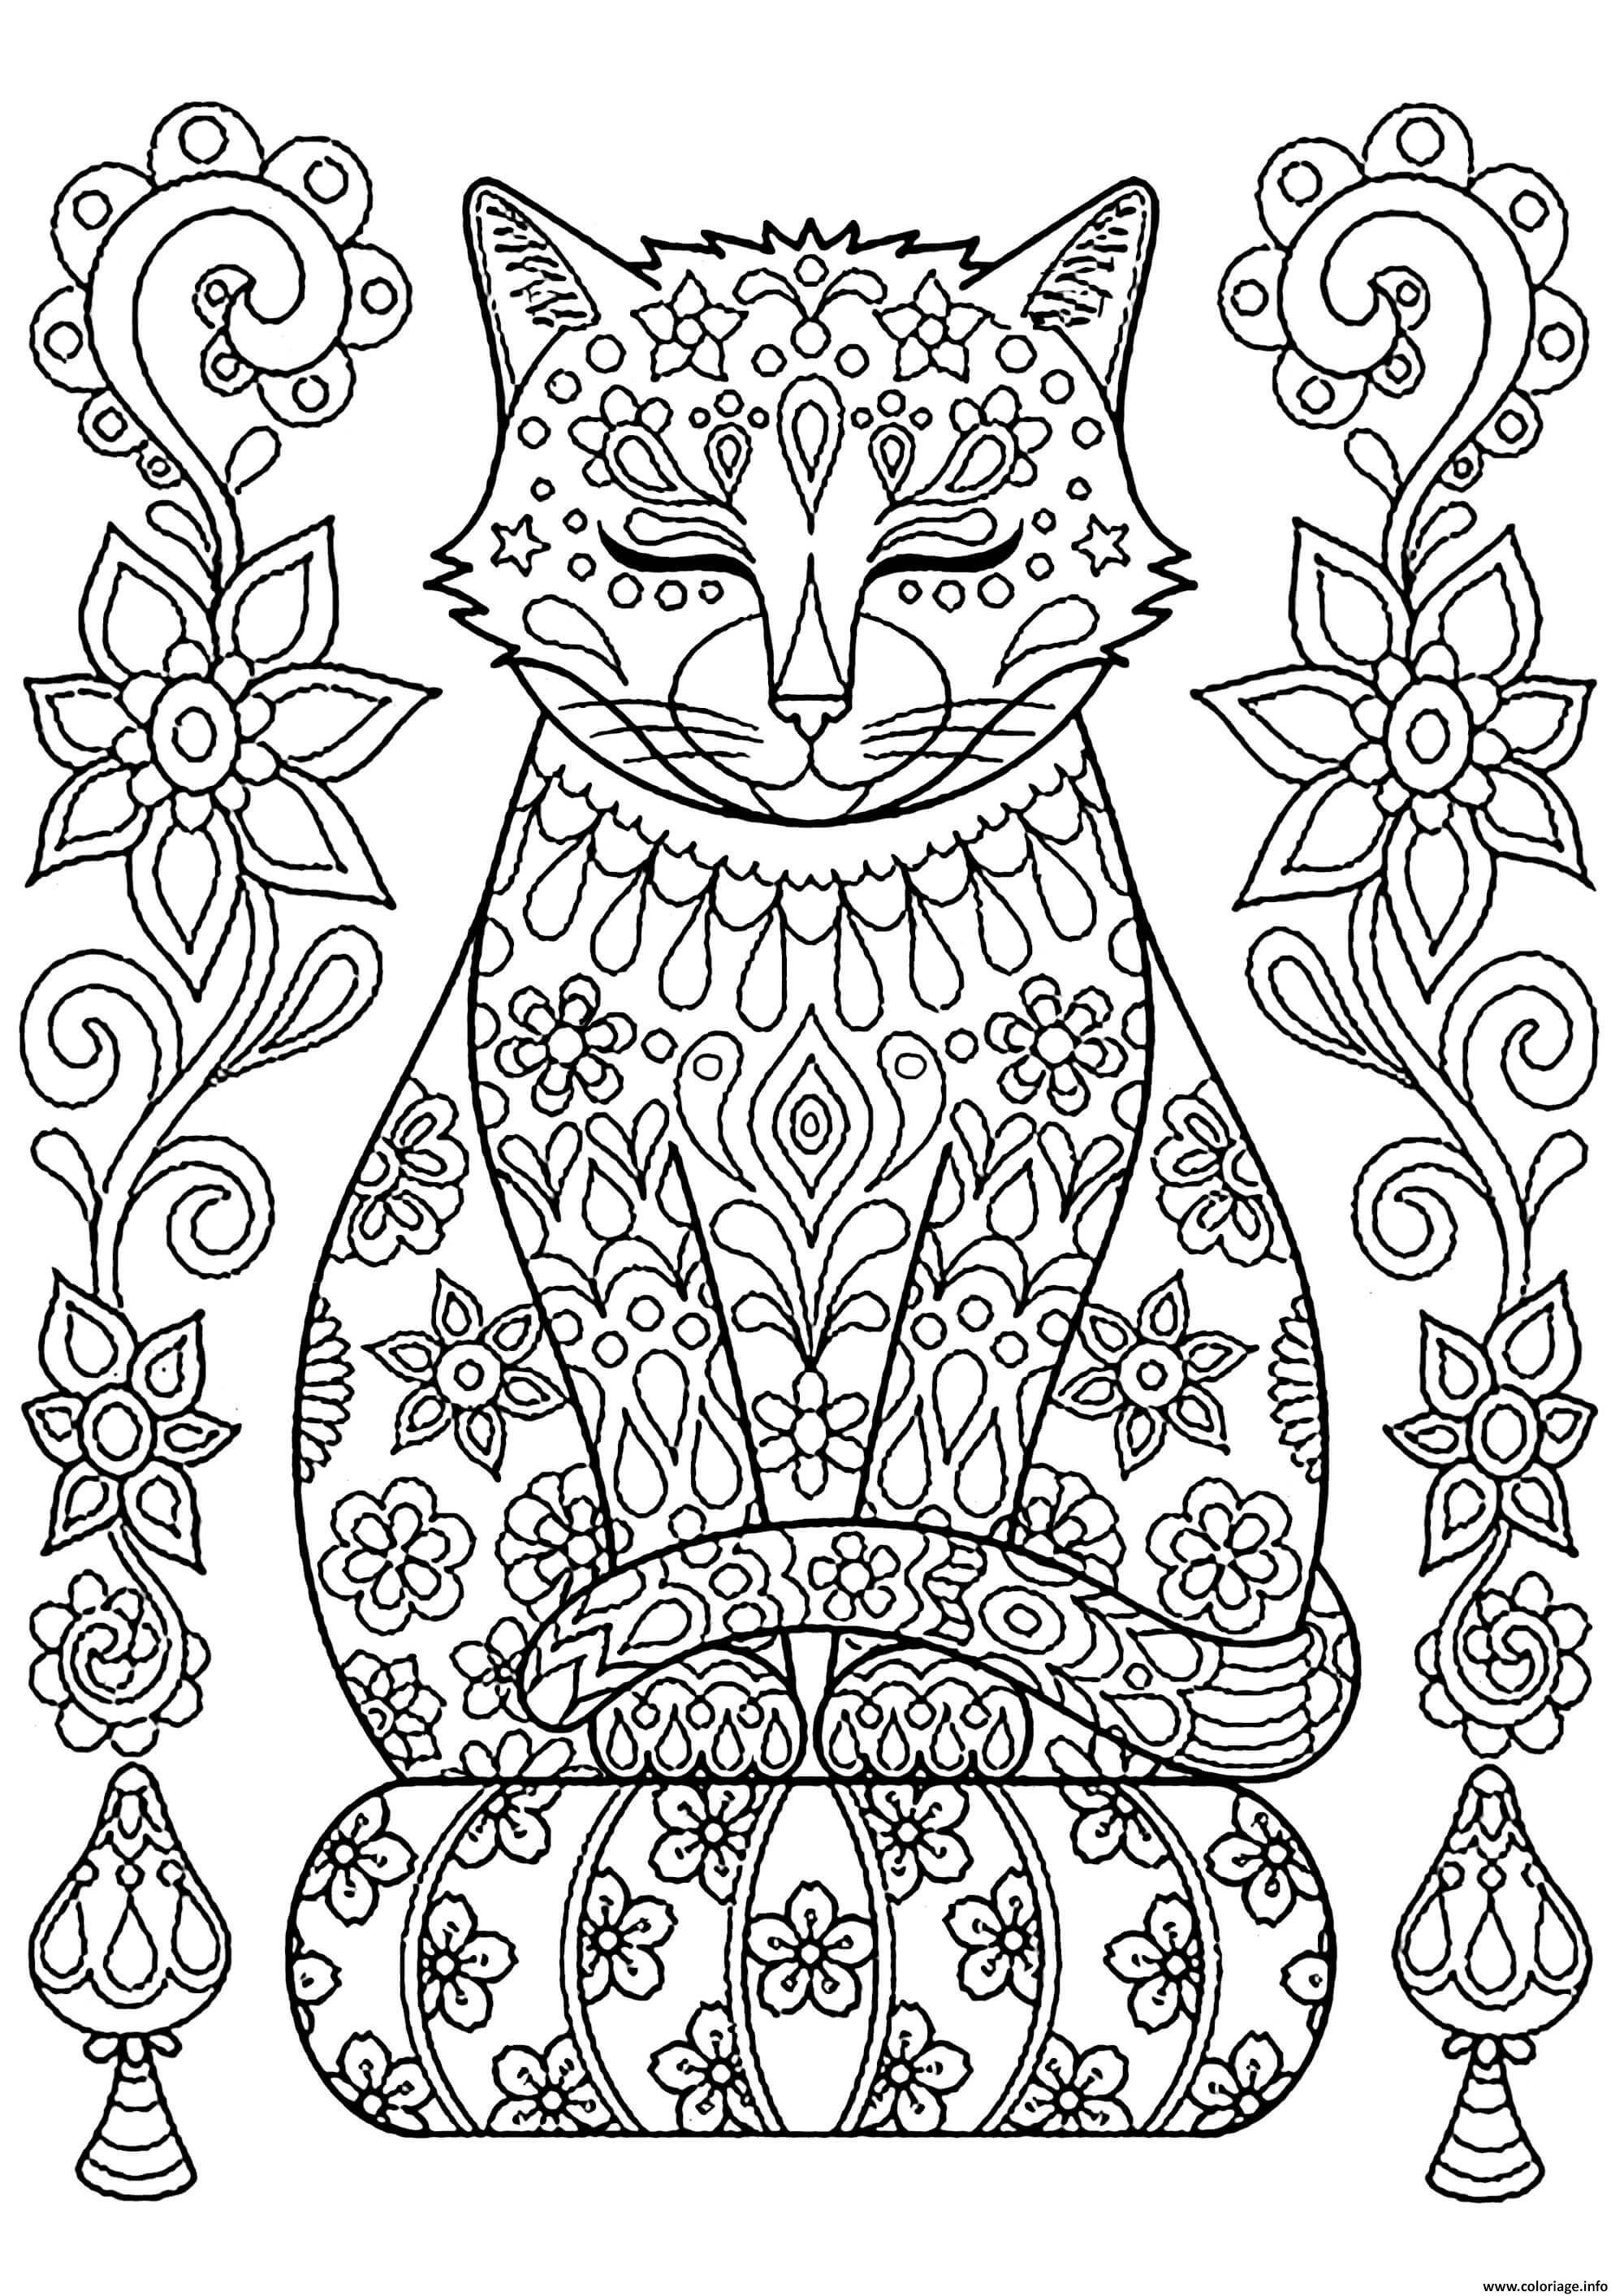 Coloriage adulte mandala chat zen - JeColorie.com